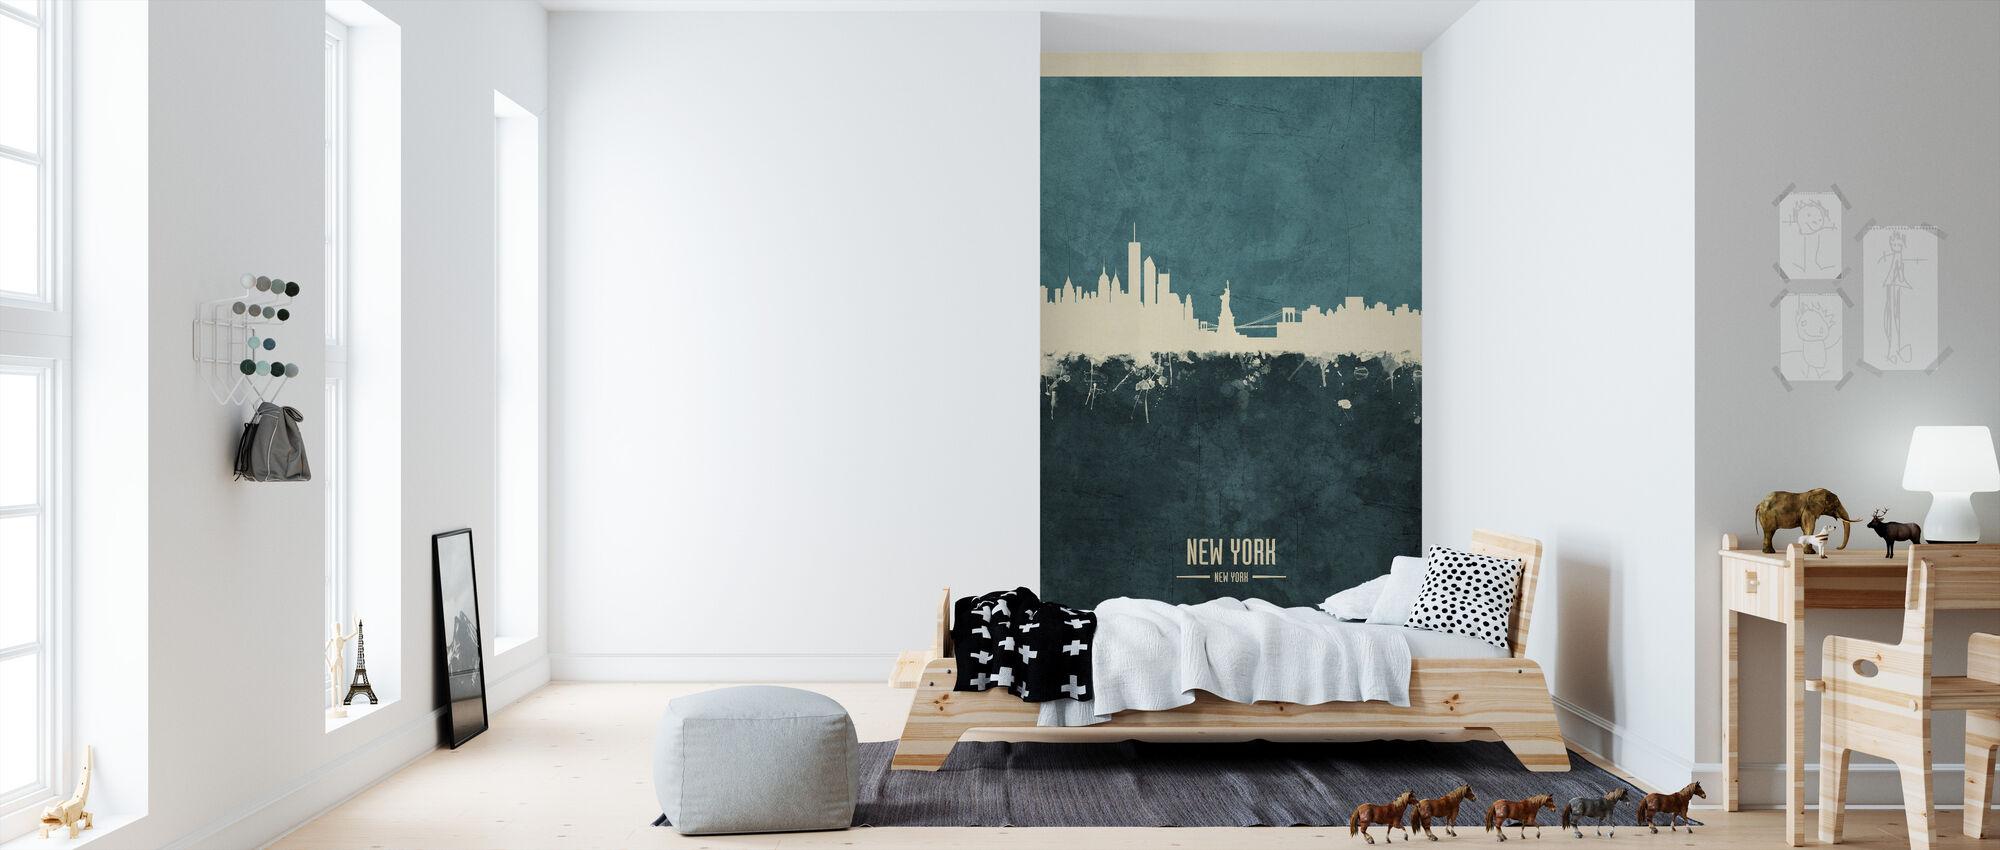 New York Skyline Blue - Wallpaper - Kids Room